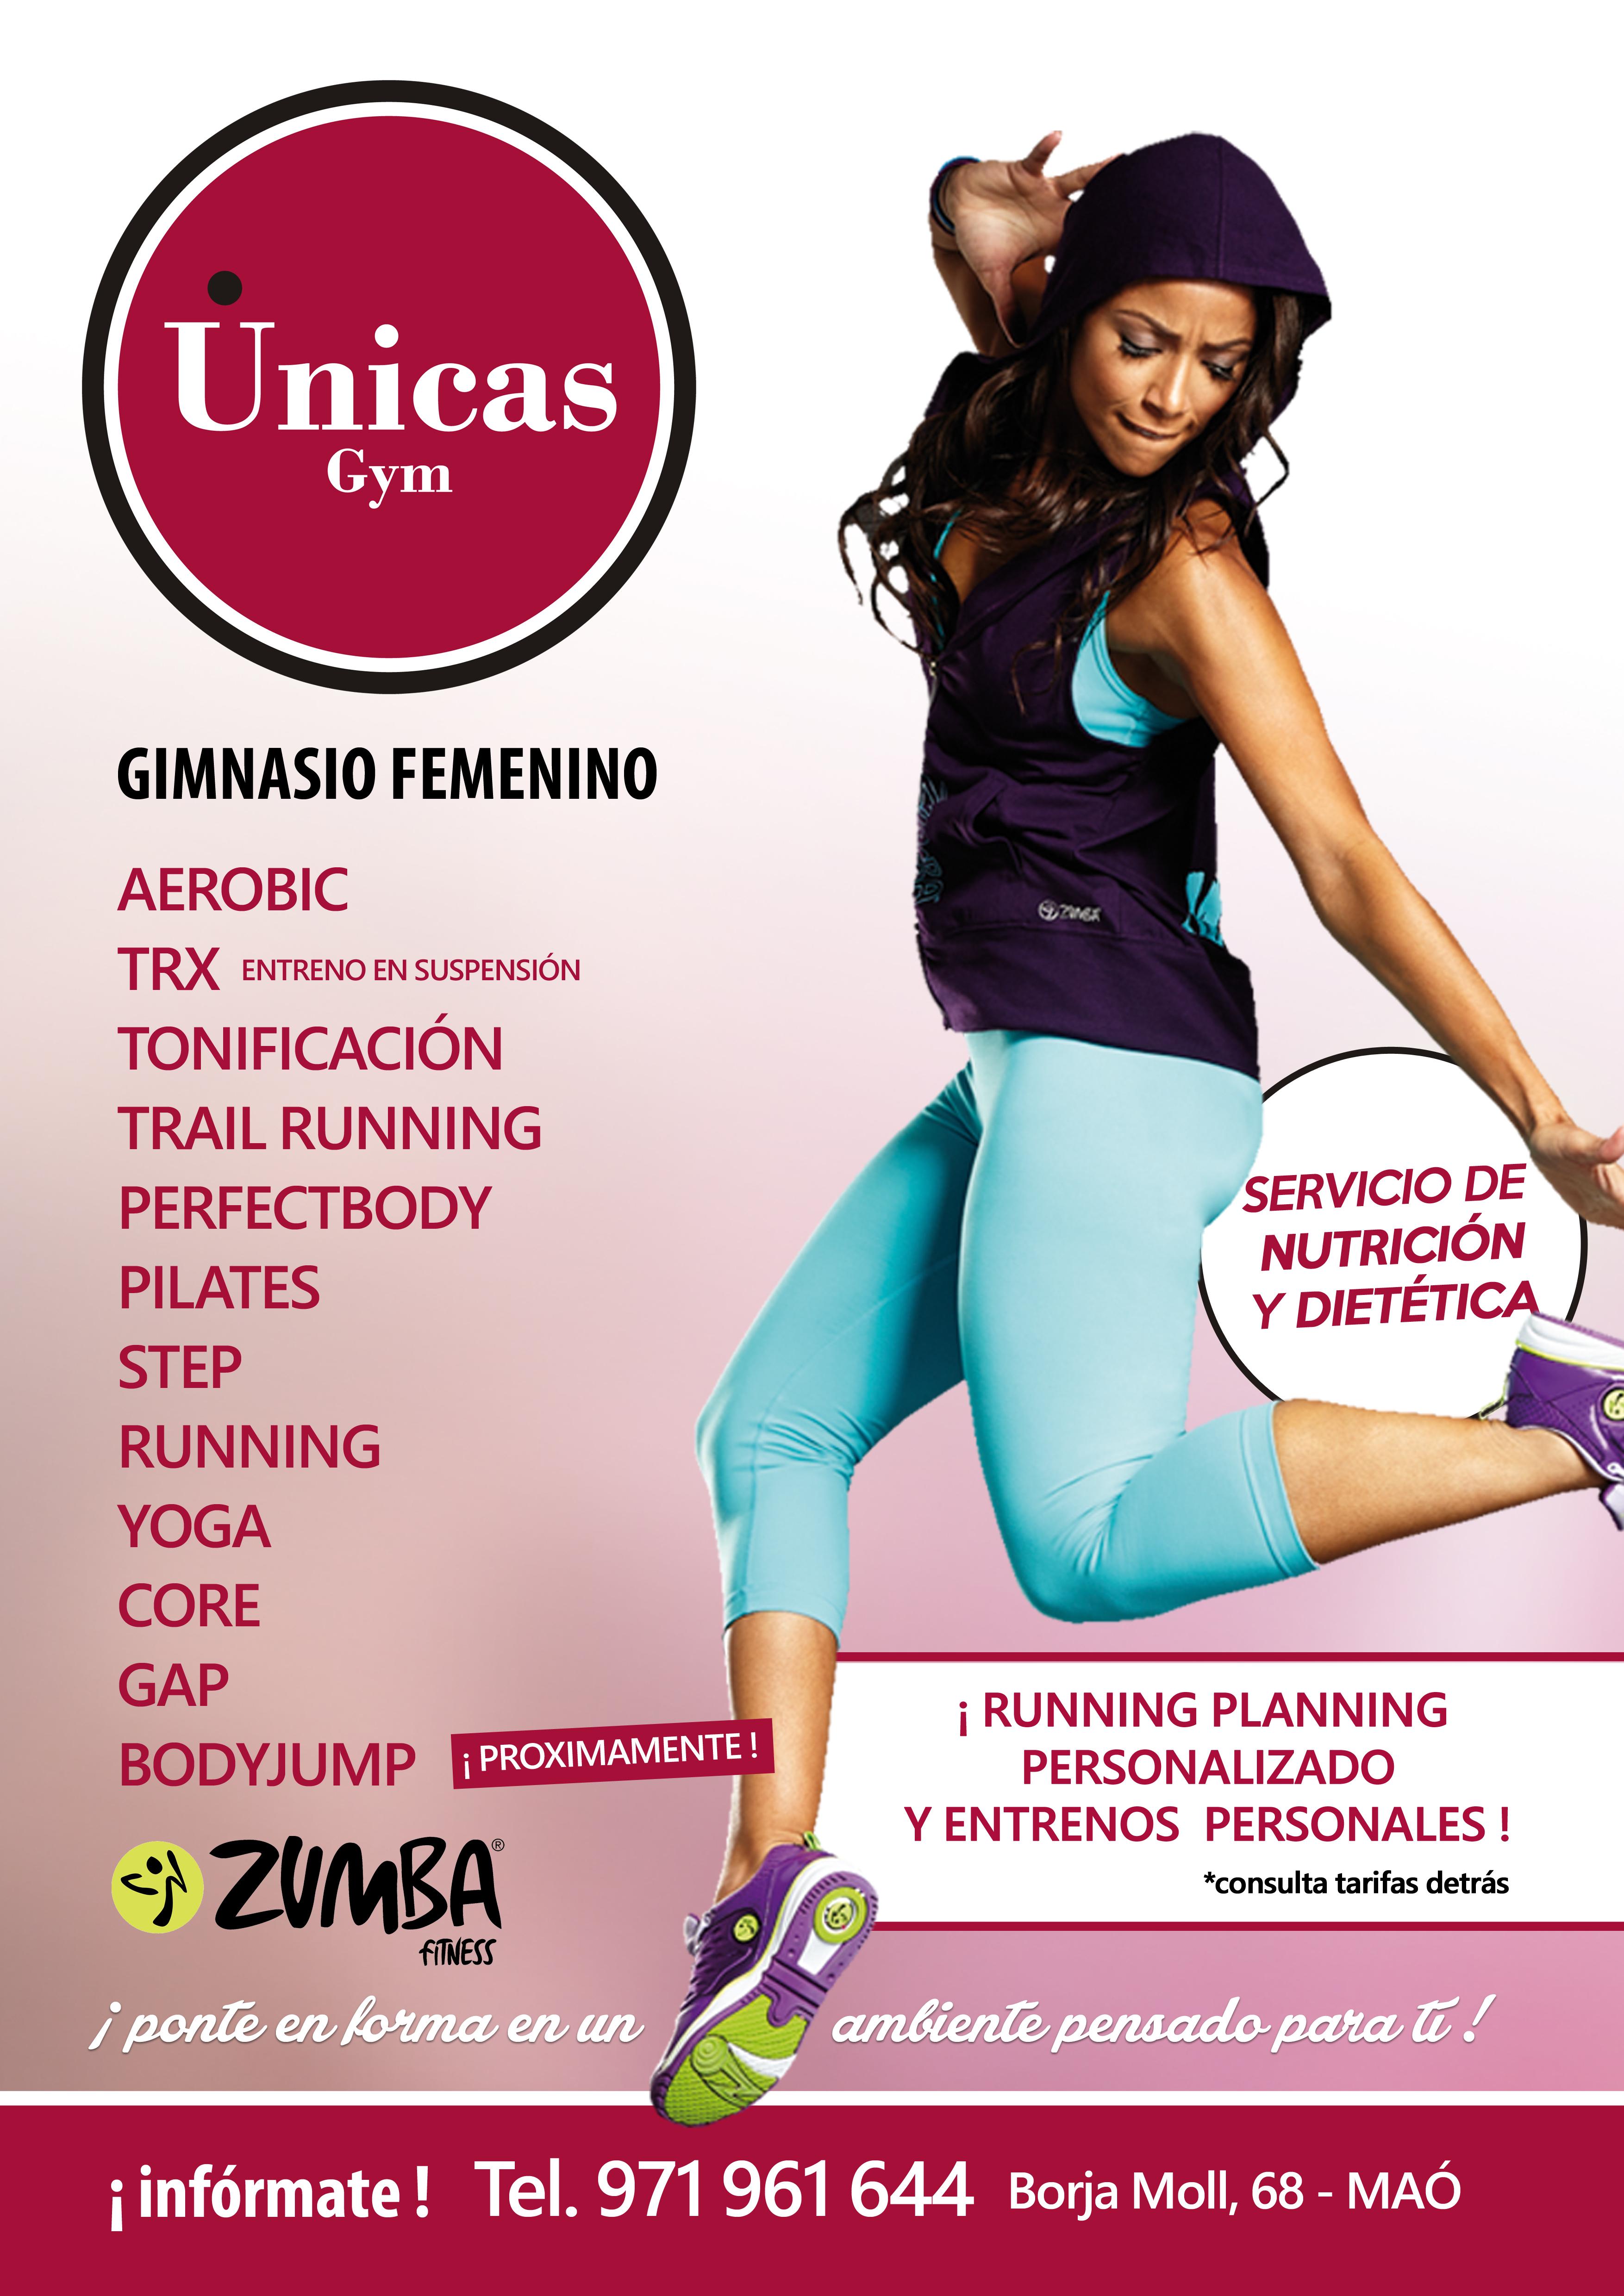 Unicas_A3_alta